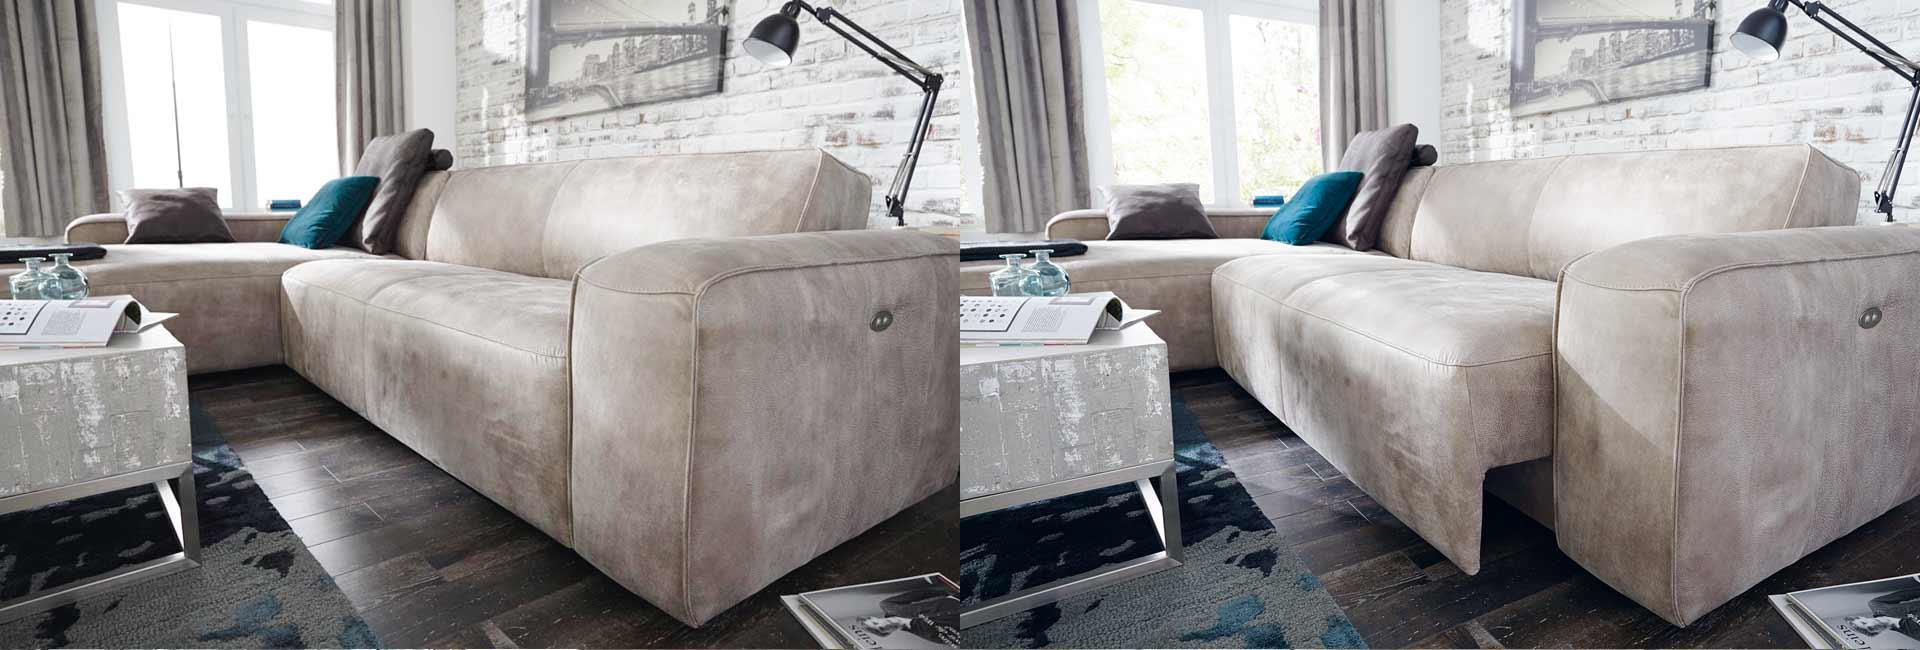 natura 6650 von natura einrichten in moormerland ot. Black Bedroom Furniture Sets. Home Design Ideas